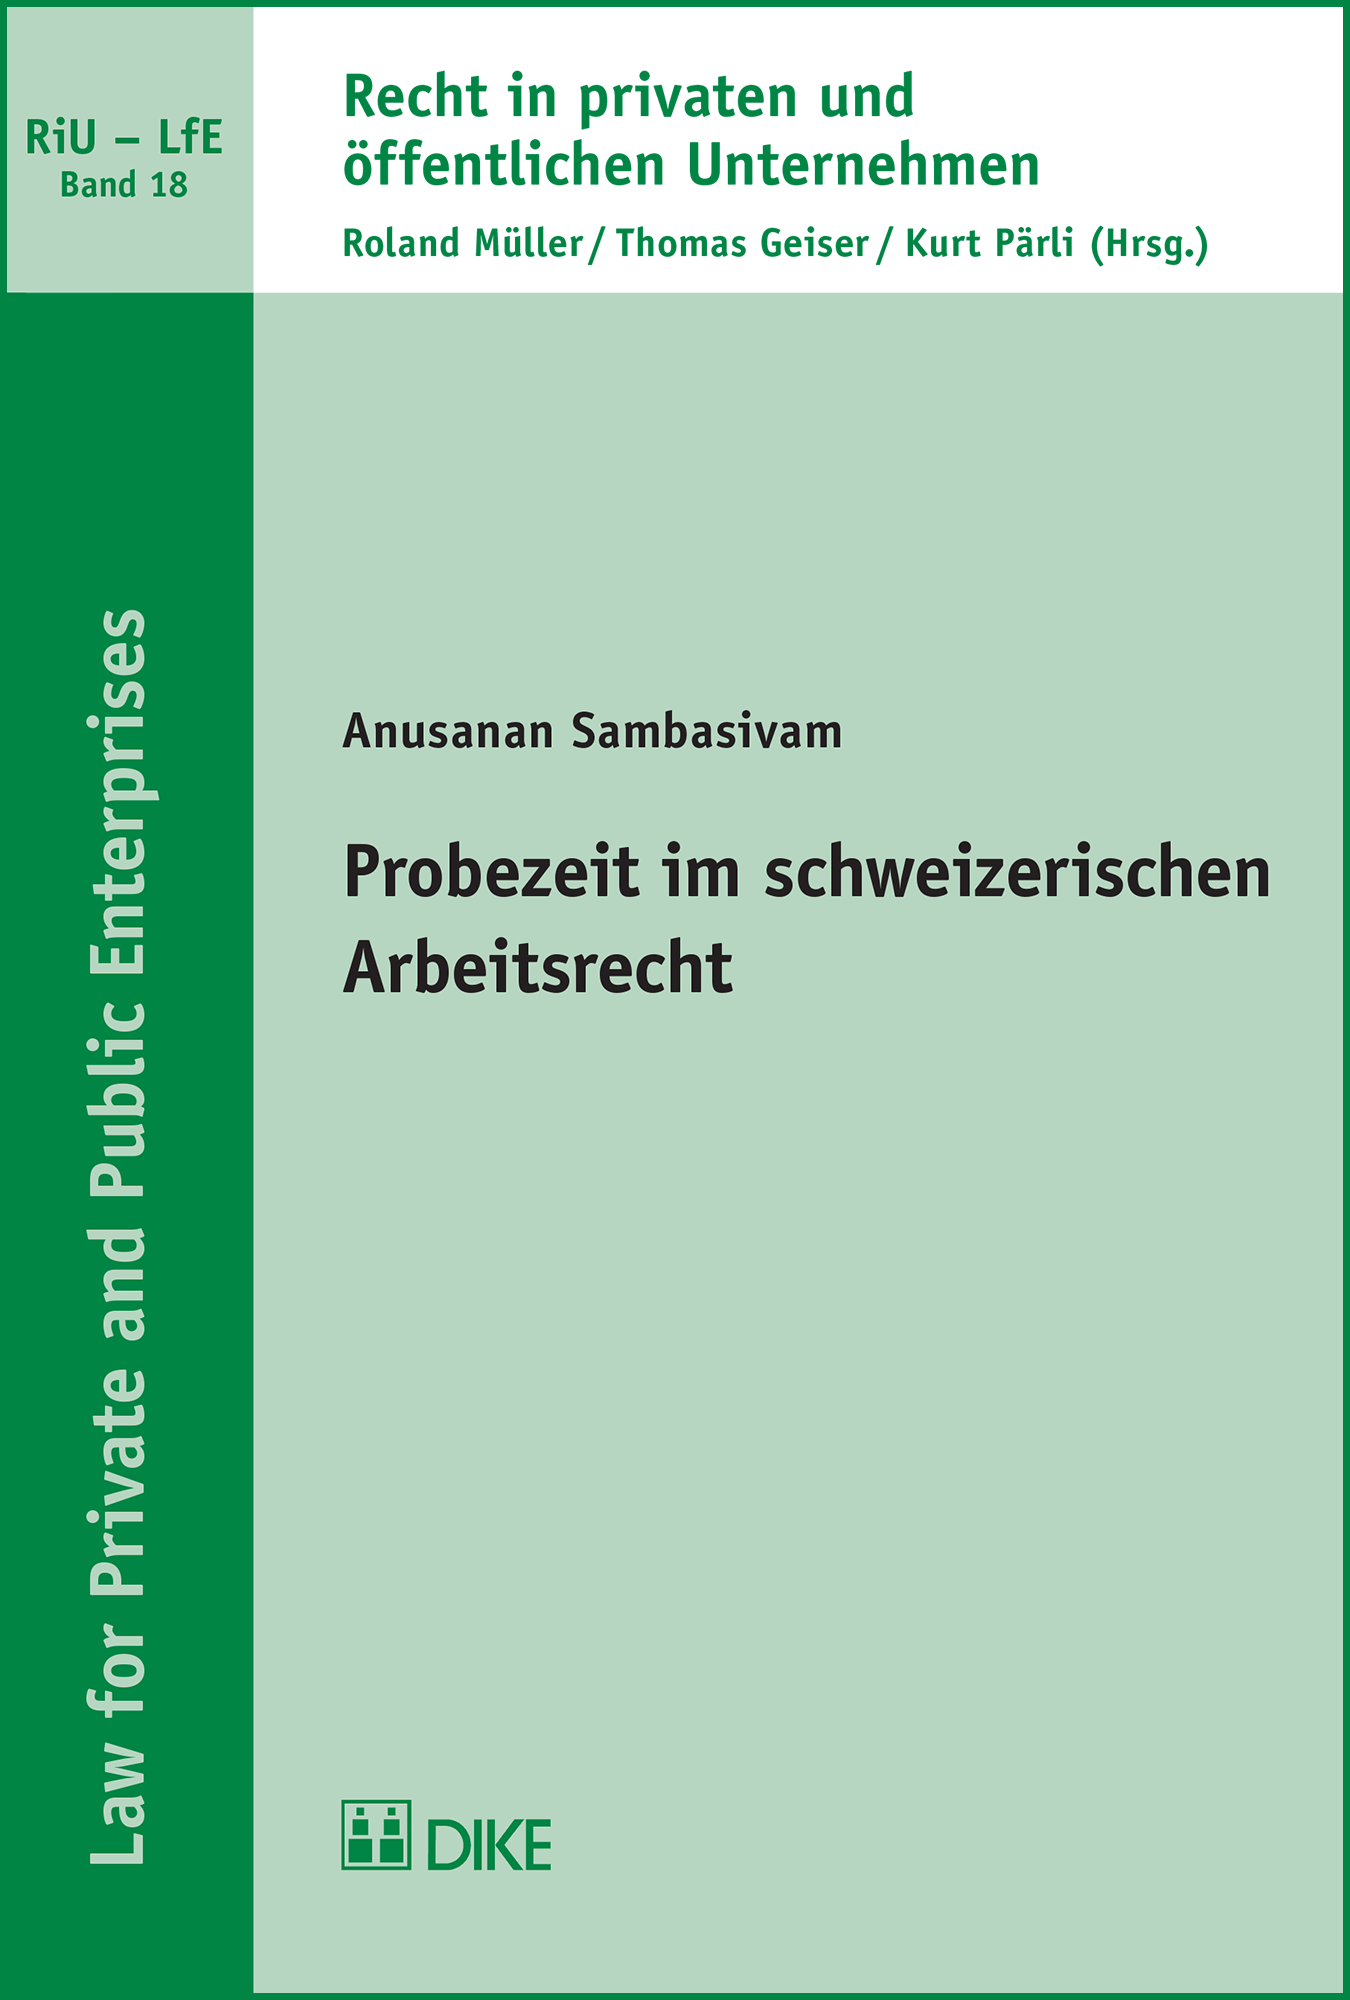 Probezeit im schweizerischen Arbeitsrecht